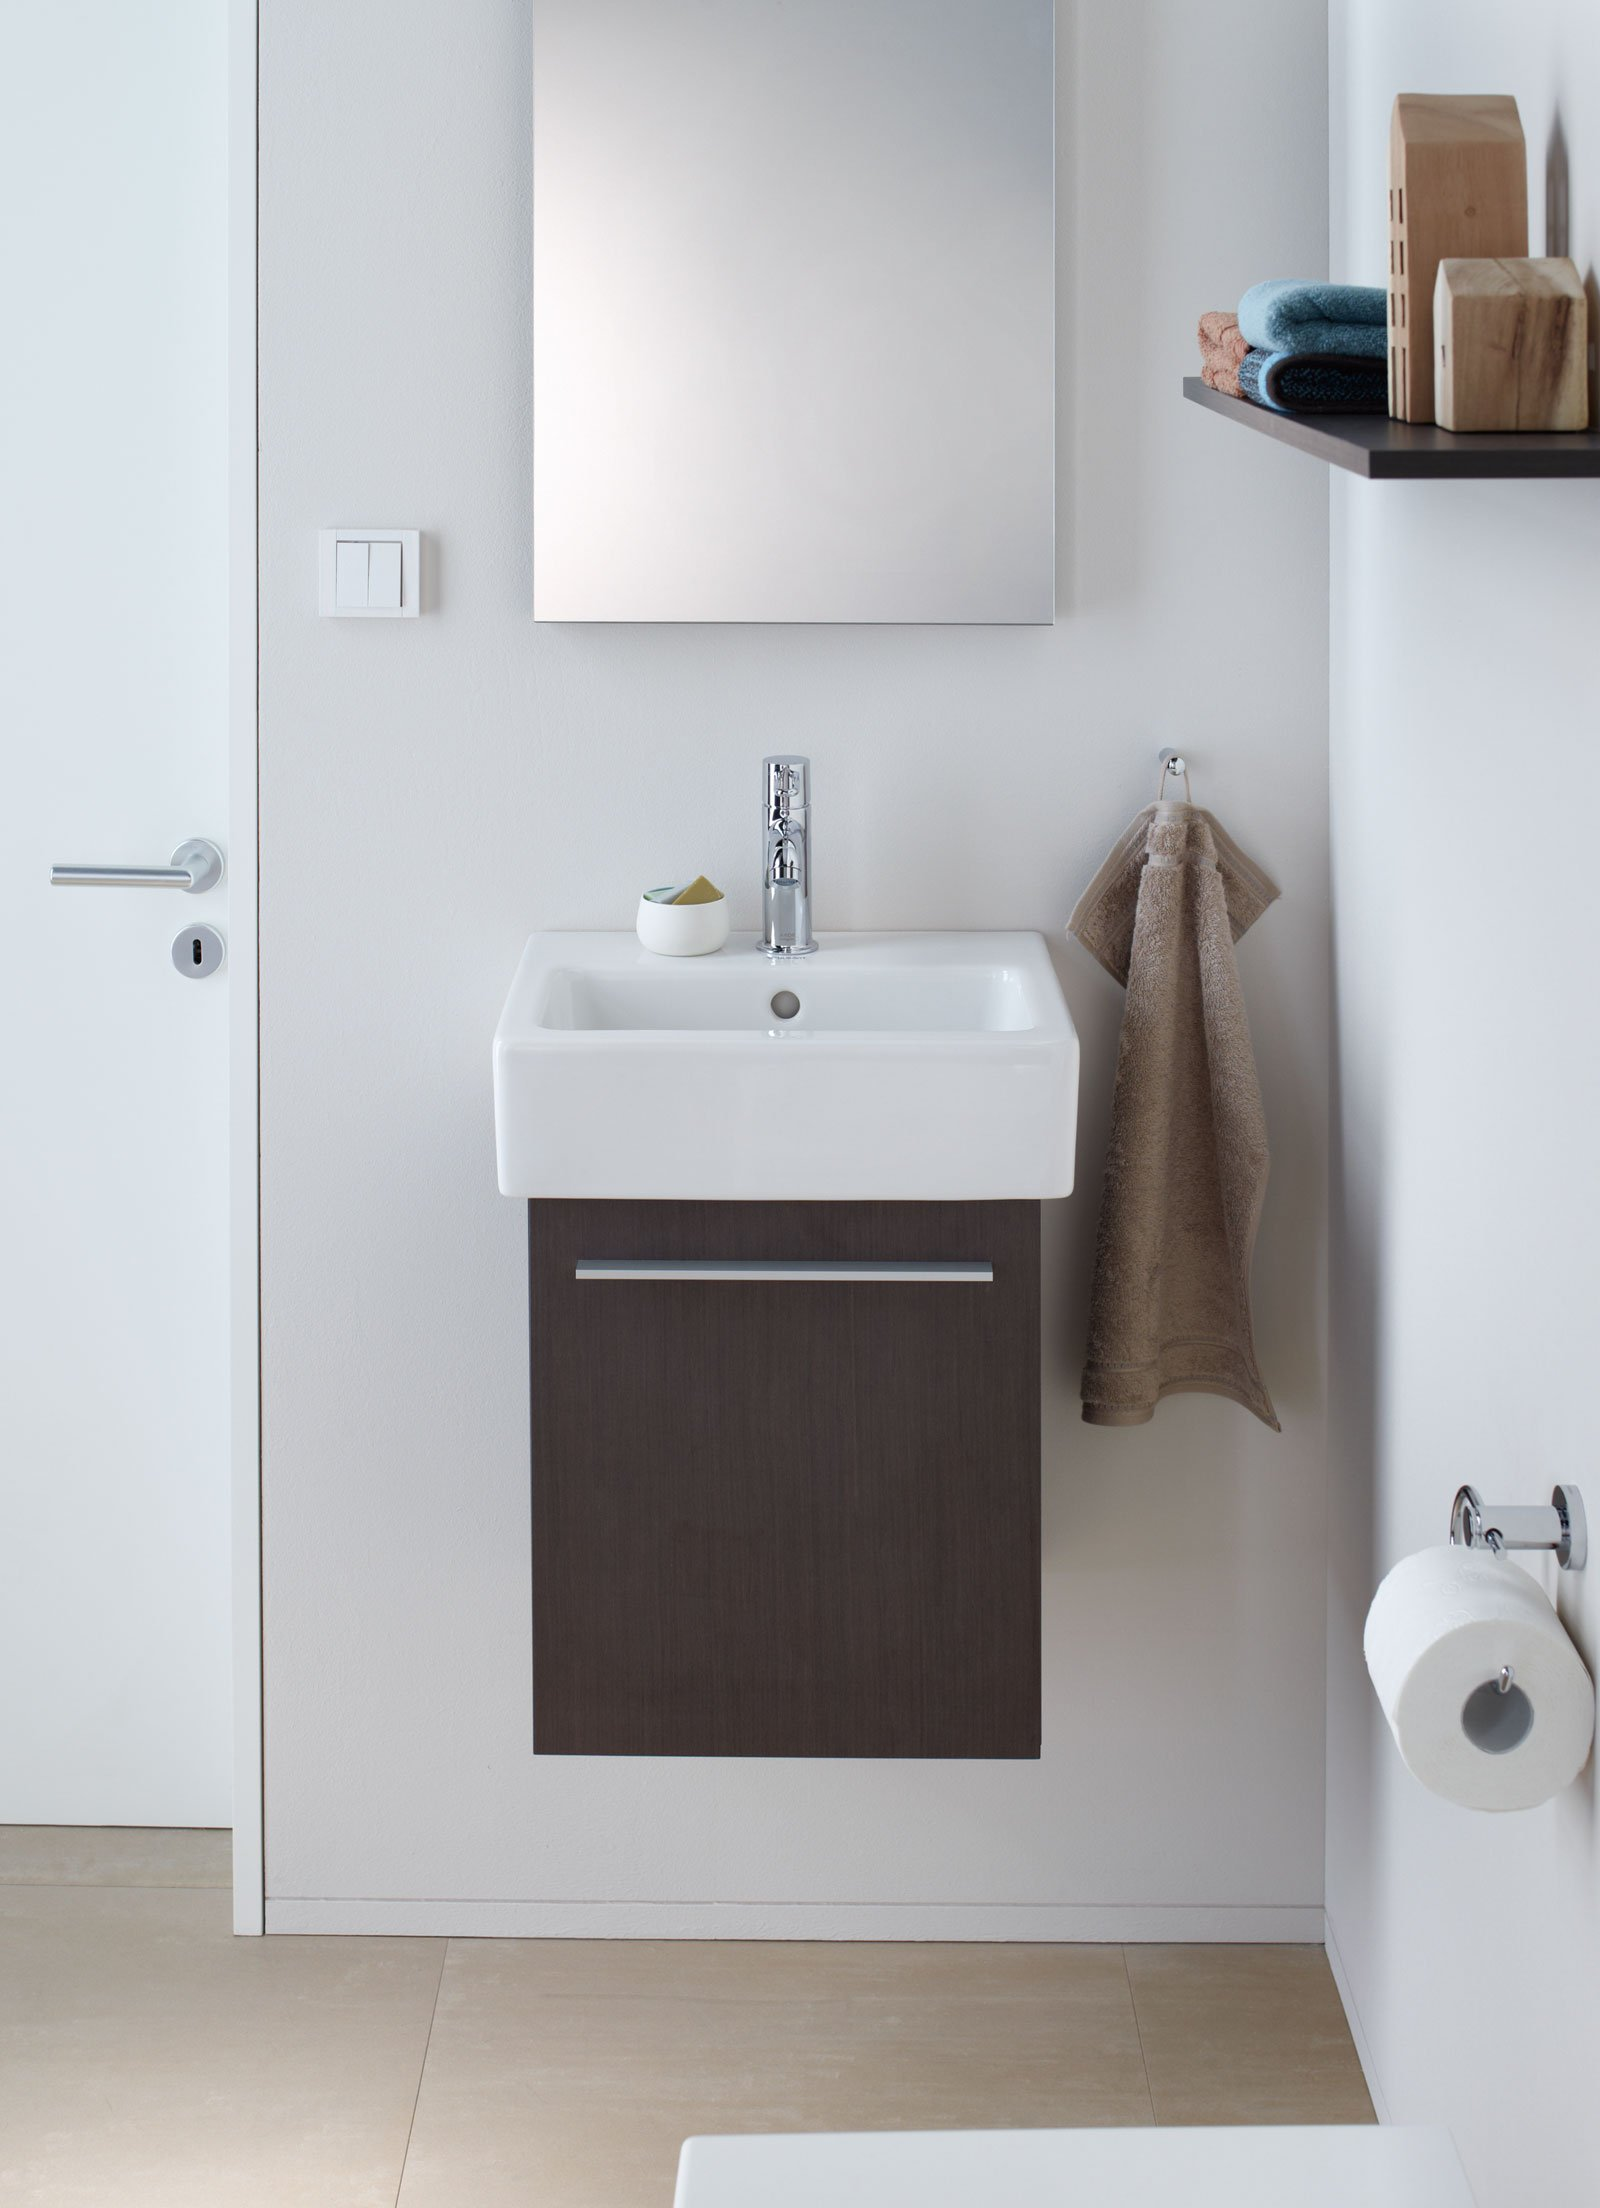 Mobili lavabo piccoli per risparmiare centimetri preziosi cose di casa - Piastrelle sottili leroy merlin ...